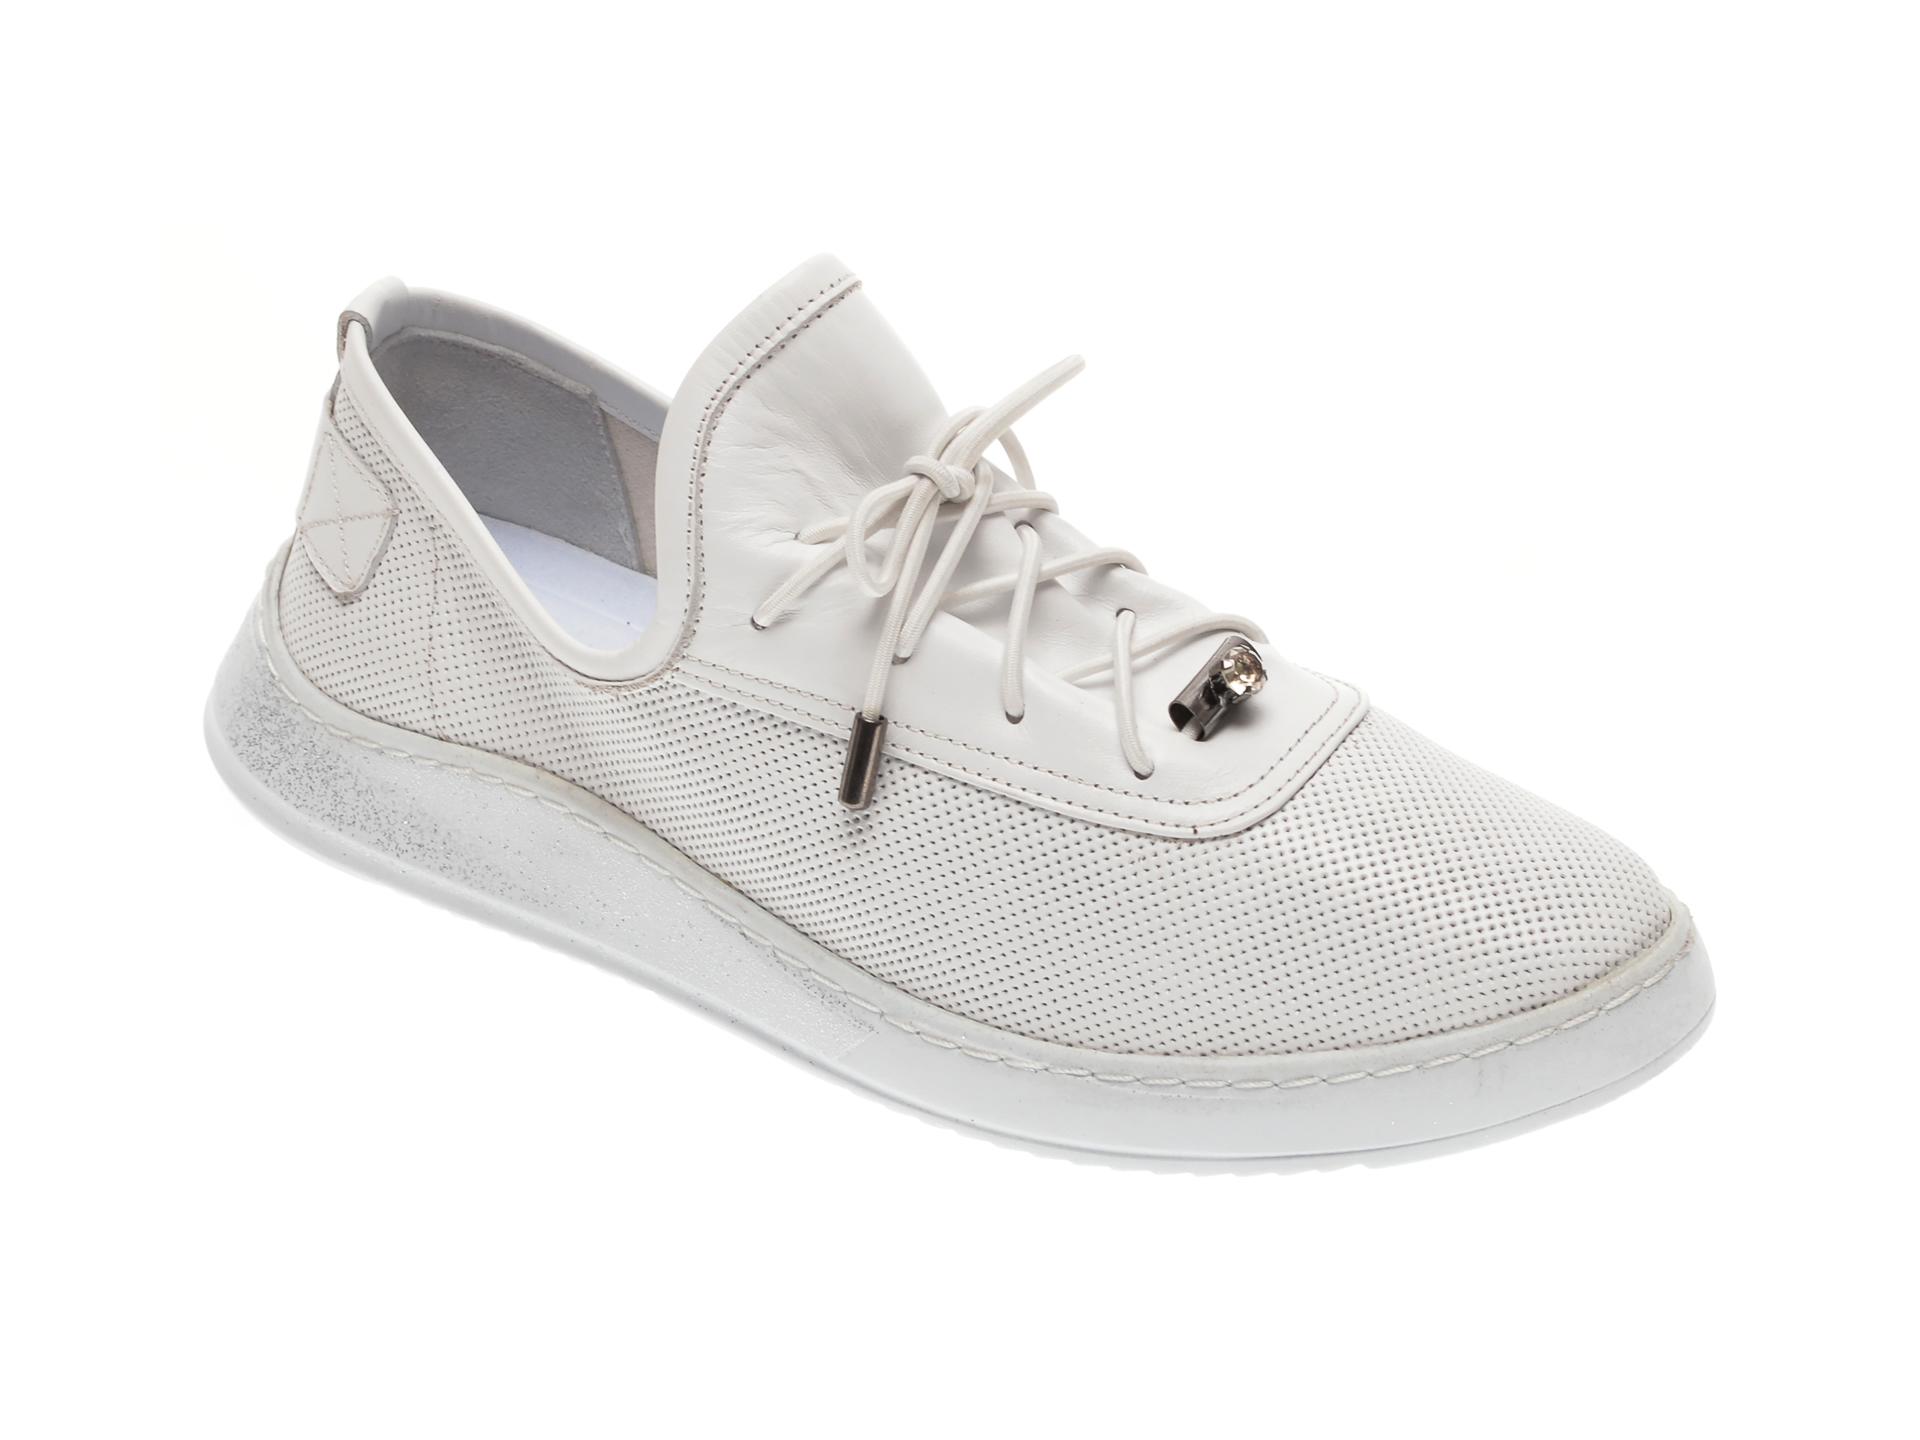 Pantofi BABOOS albi, 0908, din piele naturala